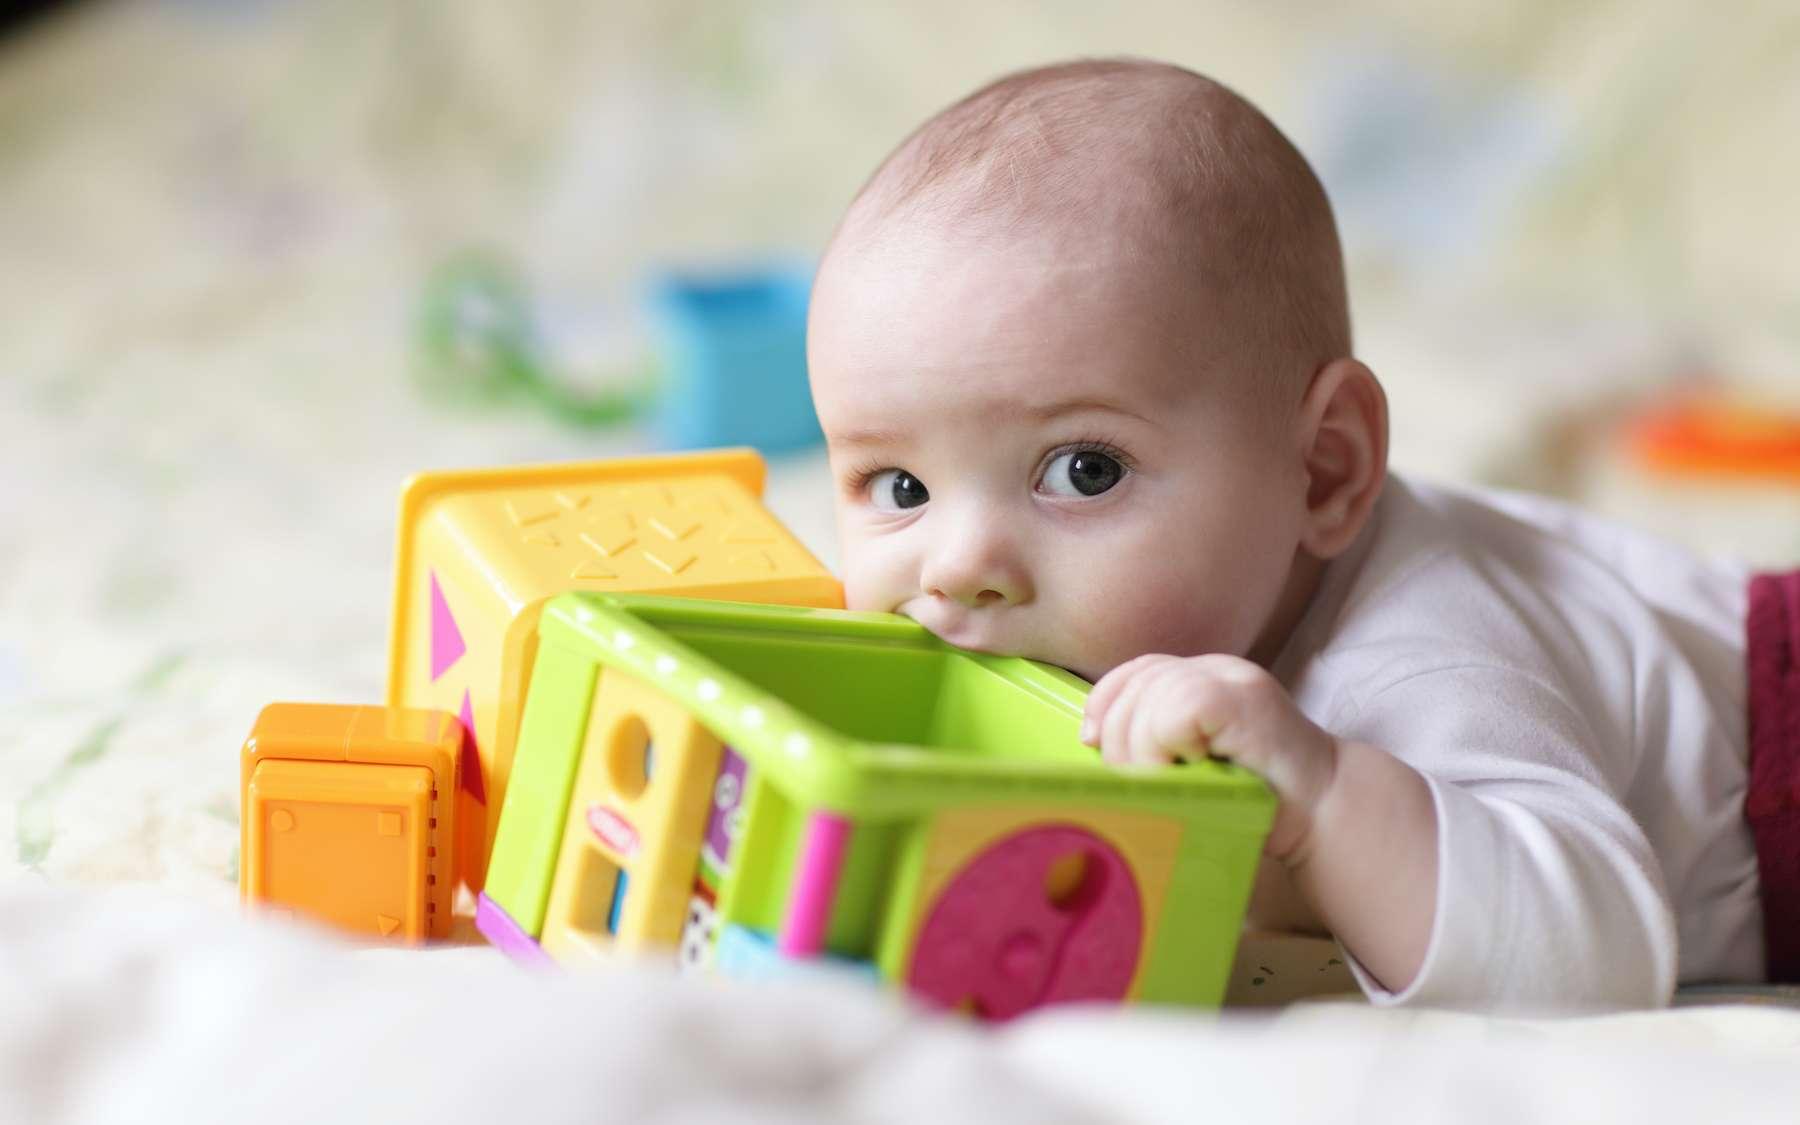 Les bébés on tendance à porter à leur bouche beaucoup d'objets en plastique. © Arkady Chubykin, Adobe Stock